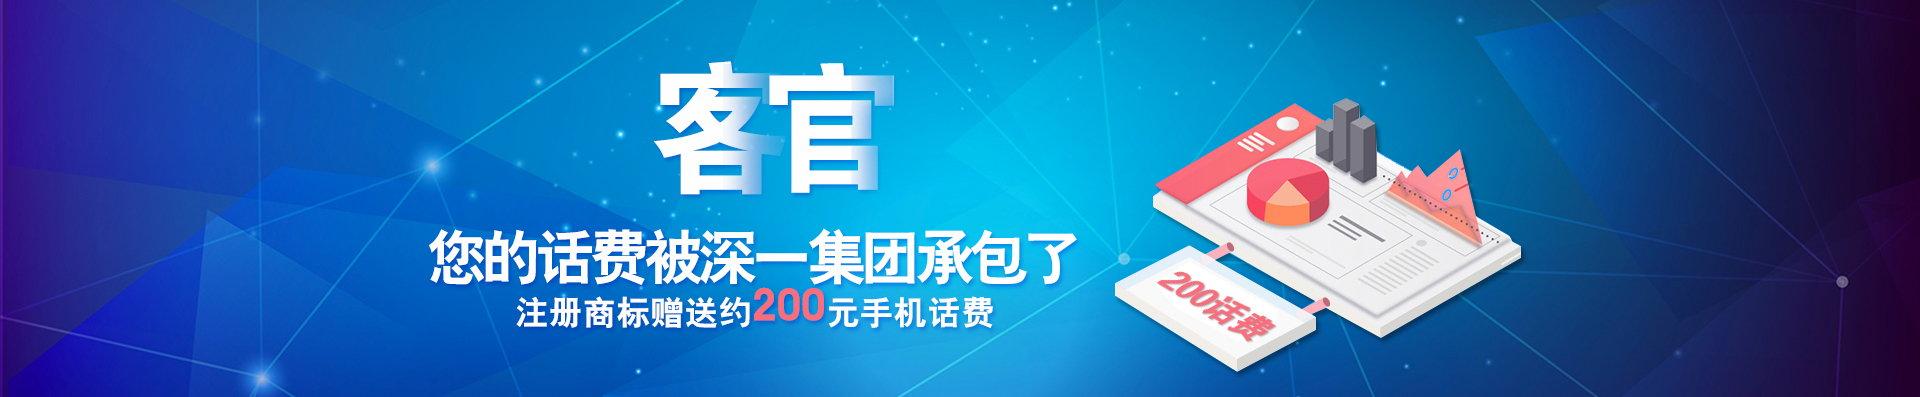 深圳注册商标